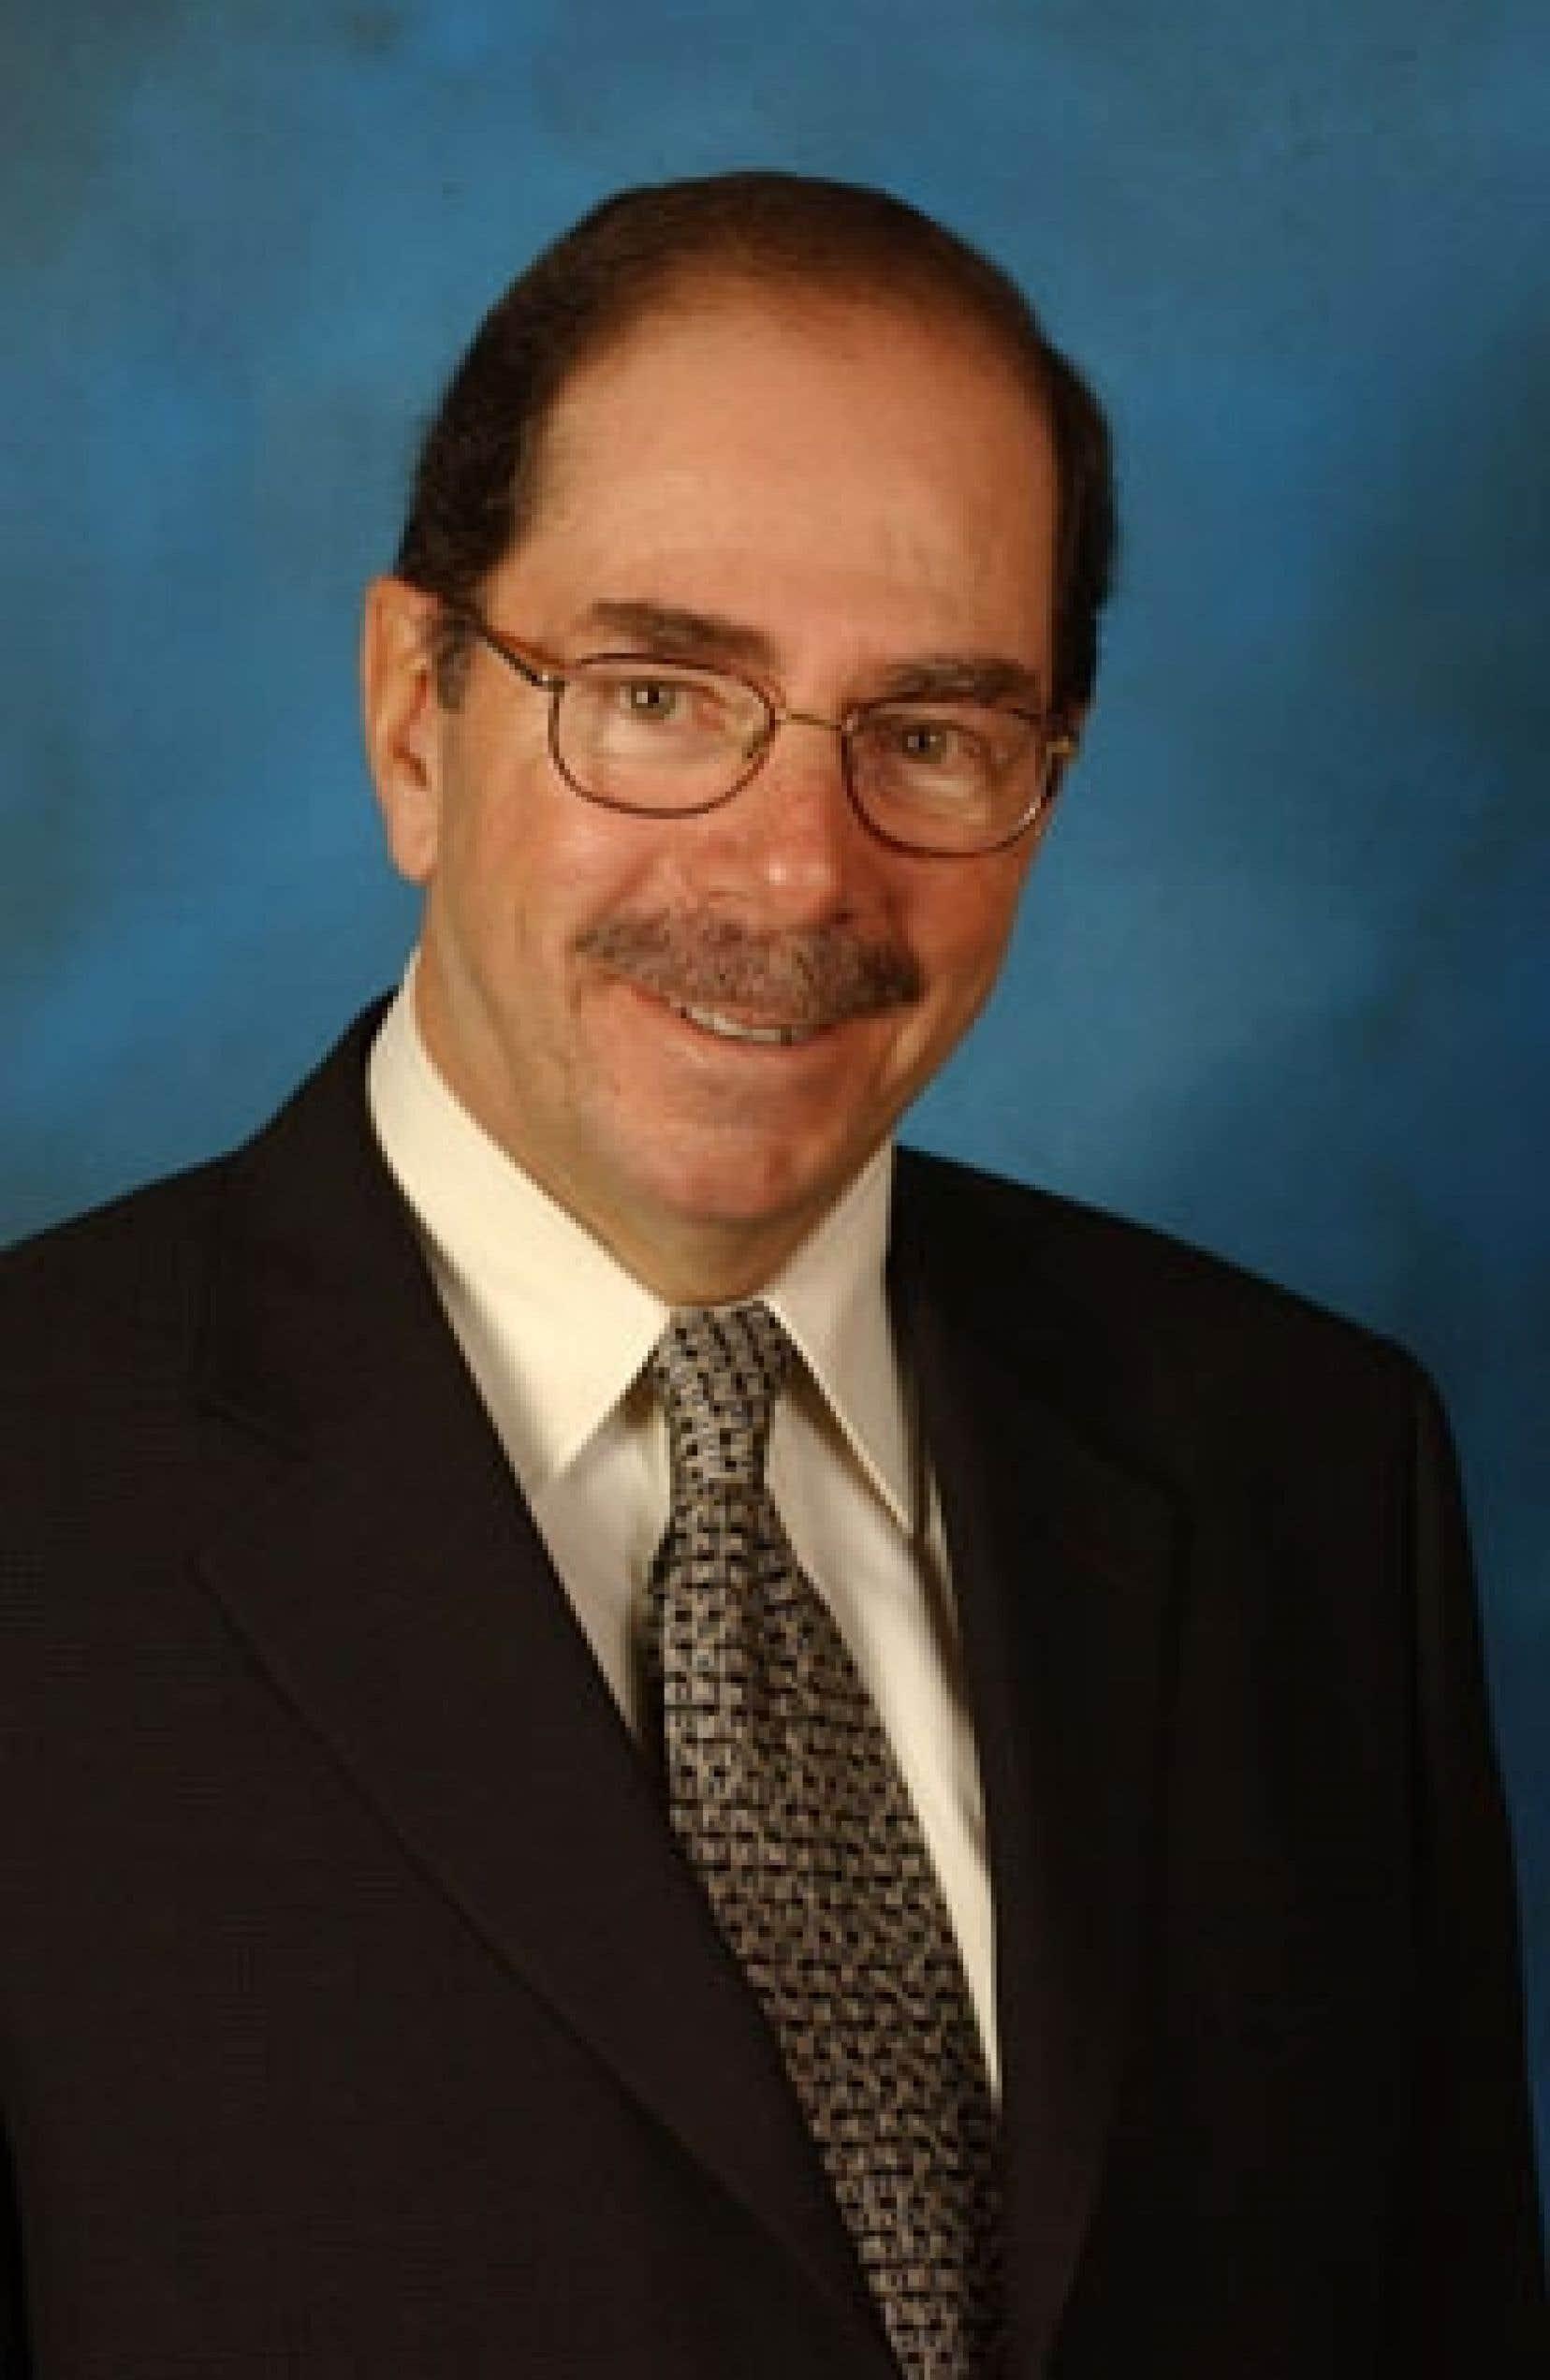 Pierre Bélanger, fondateur et président-directeur général de la Cité de la biotech, à Laval Photo: Cité de la biotech